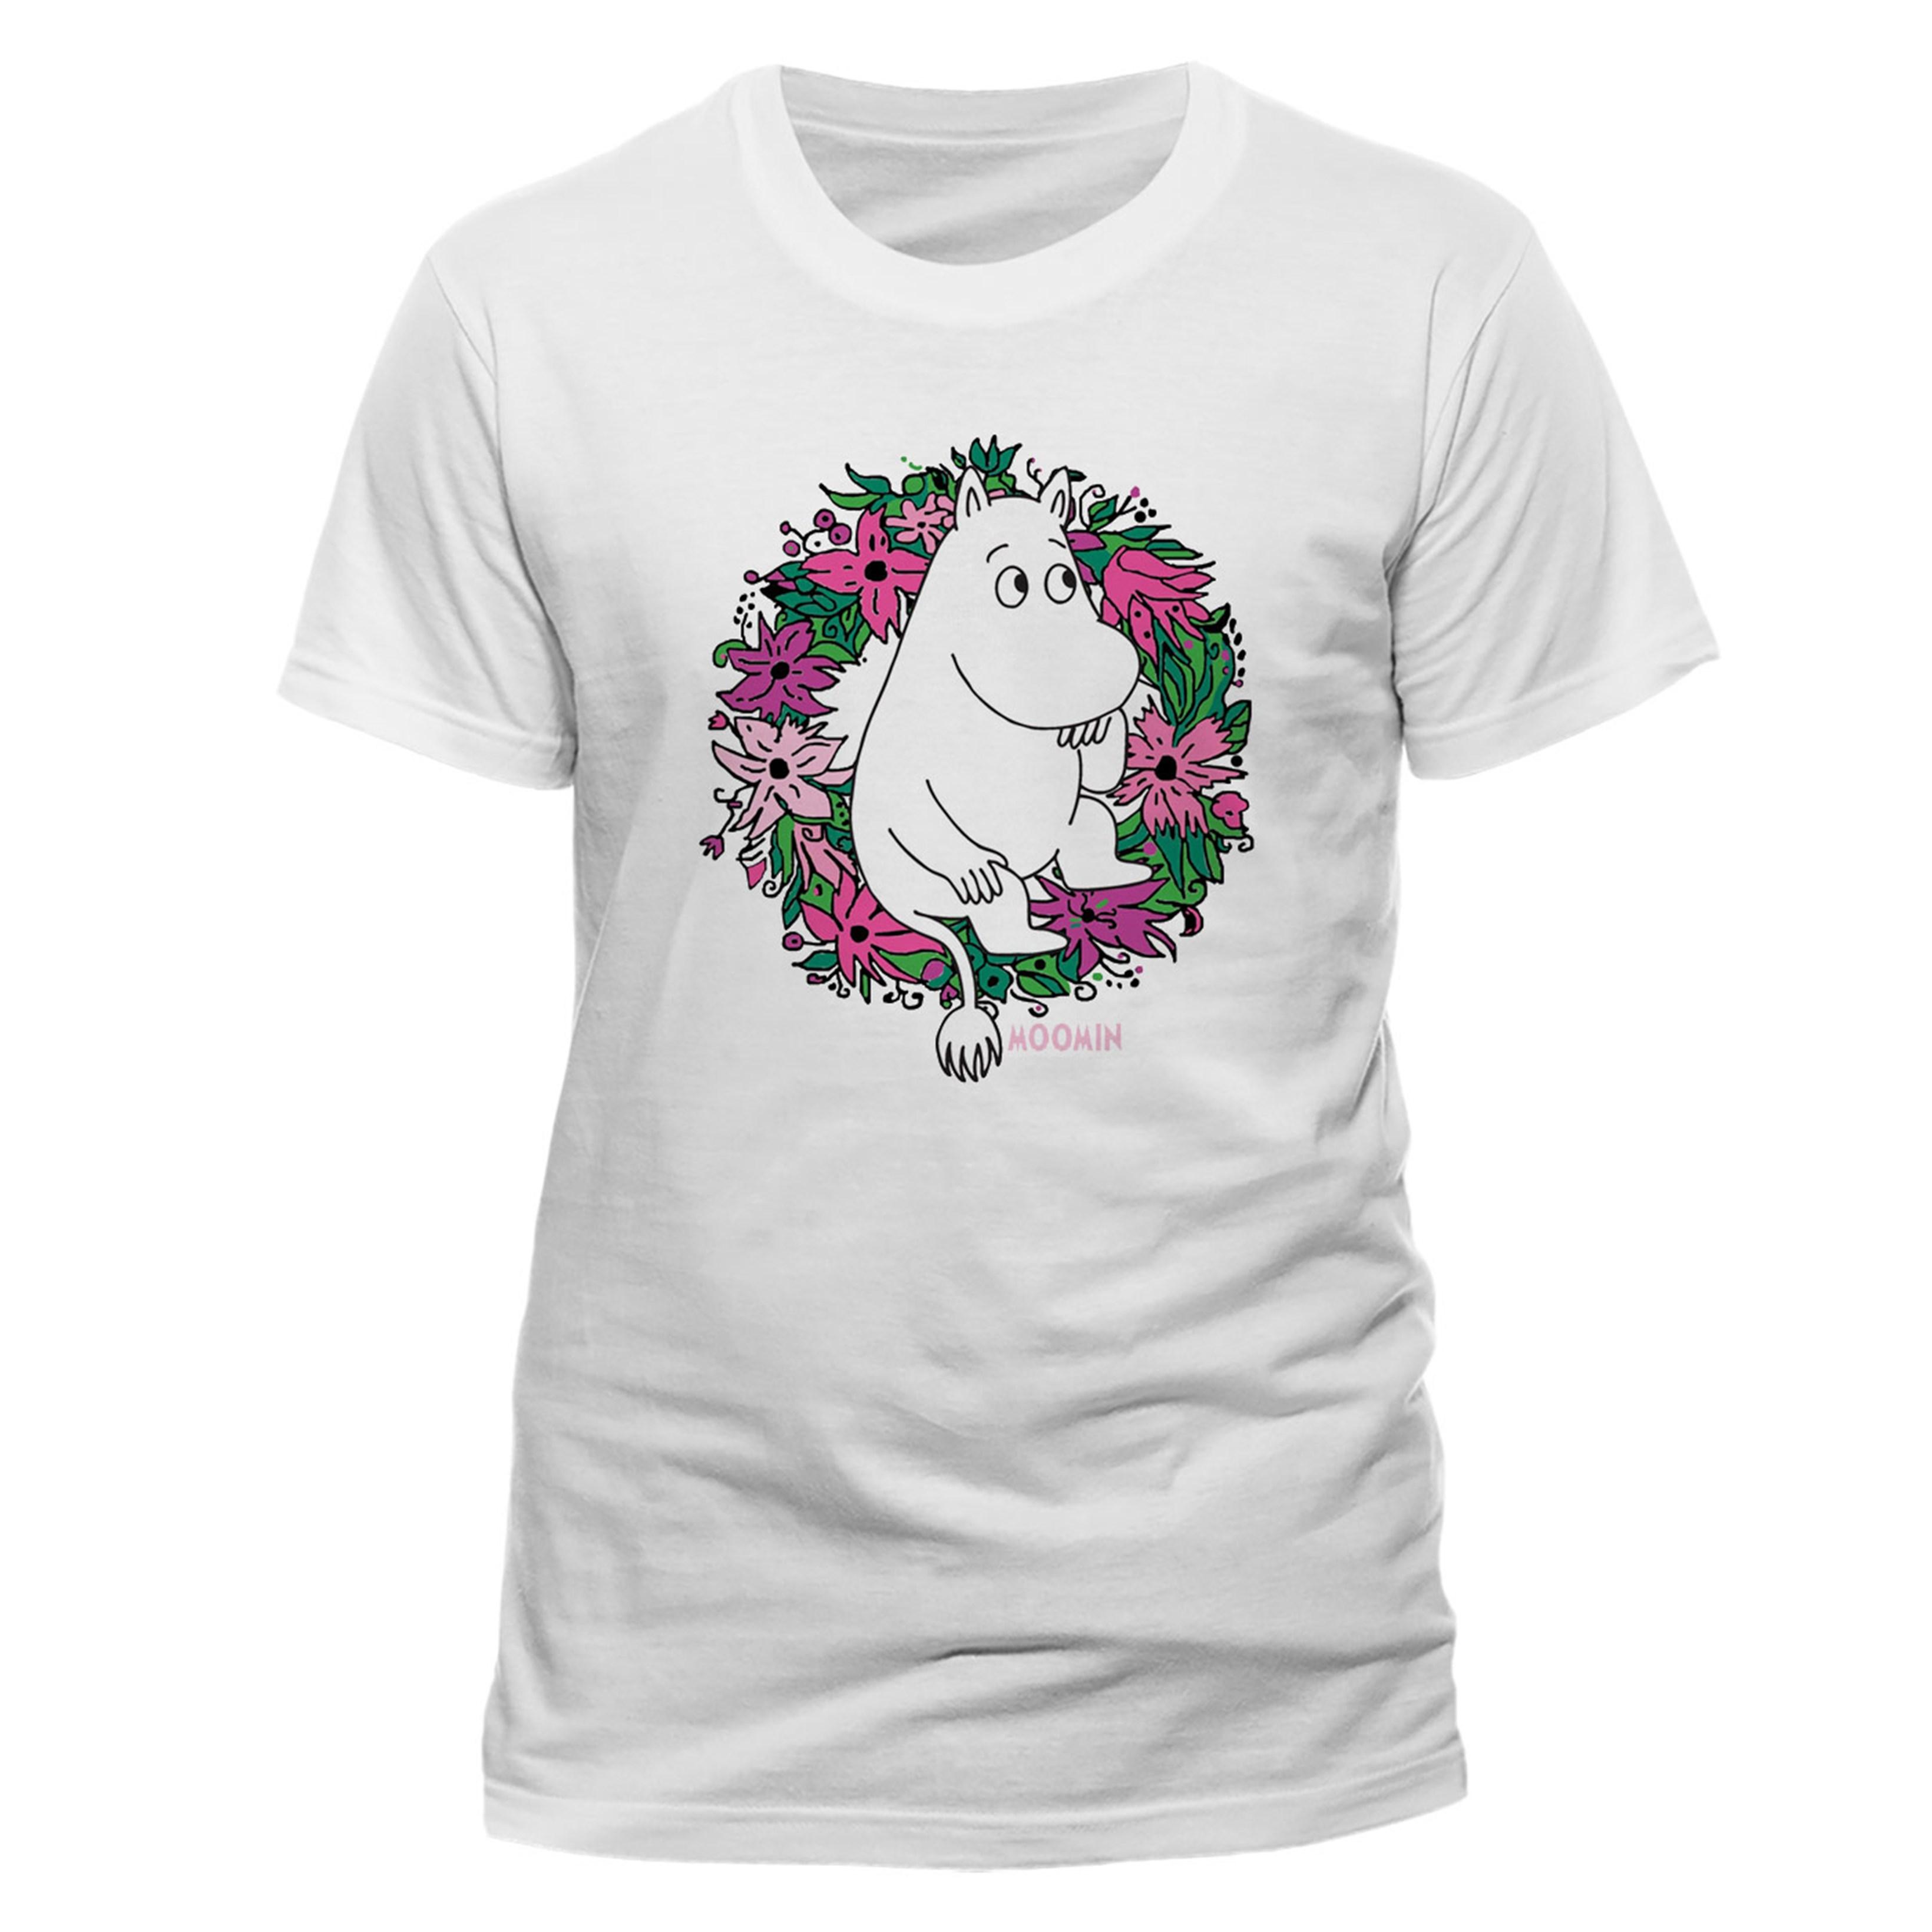 Moomin: Wreath (Small) - 1